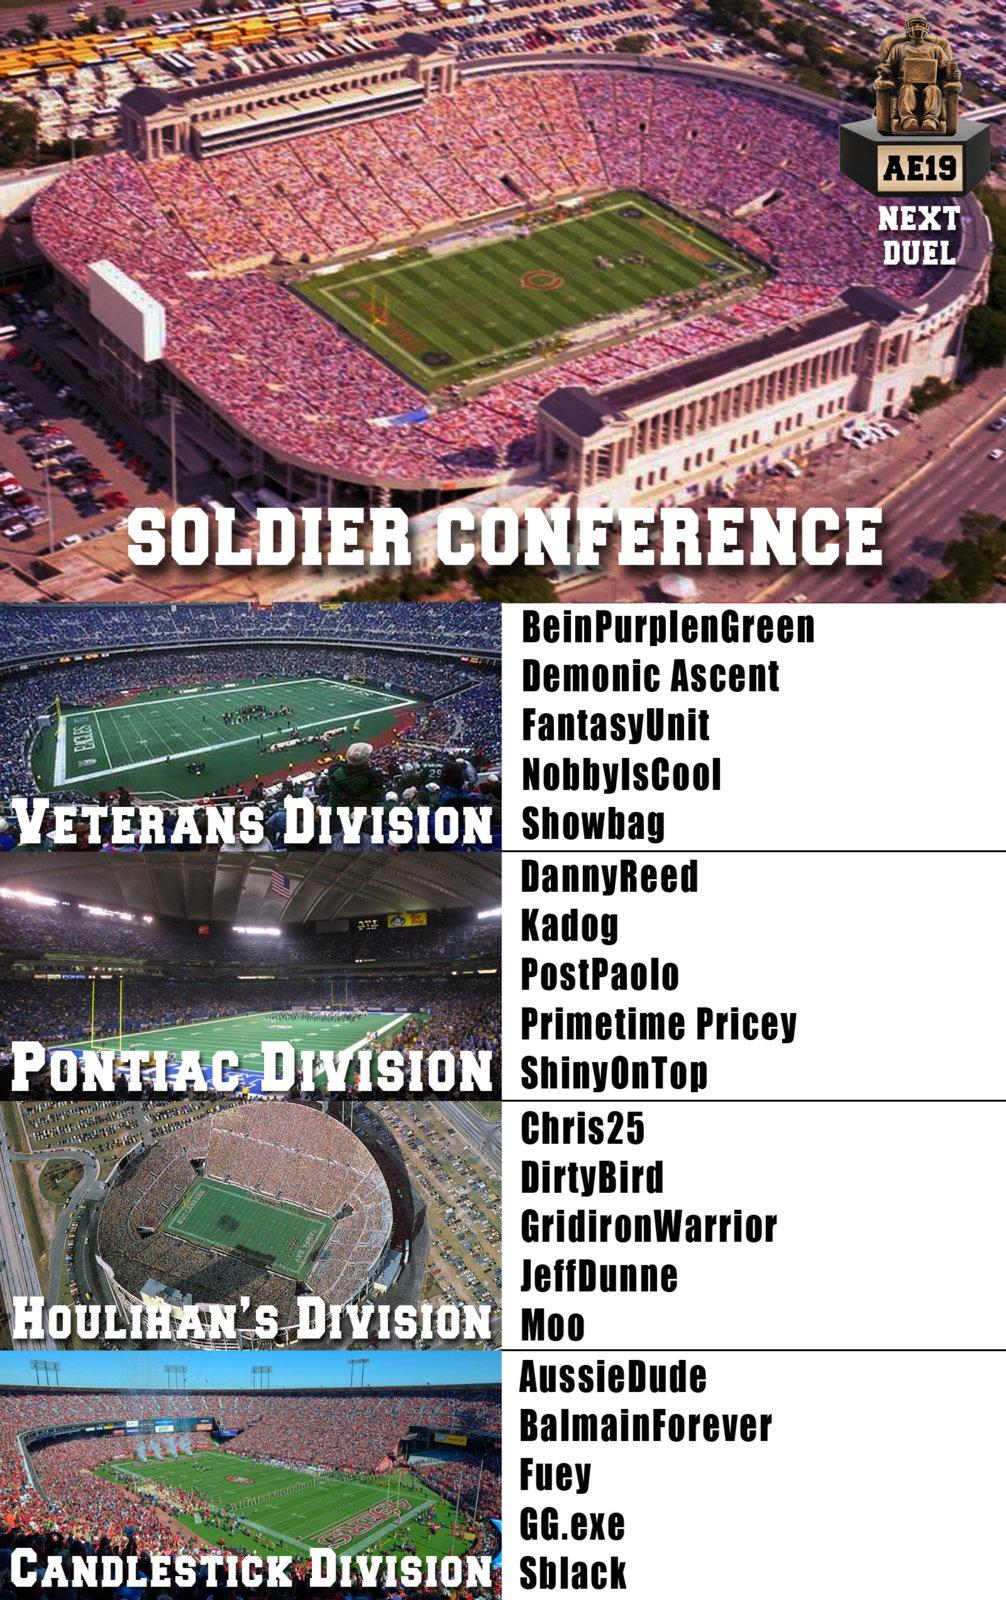 ND_Soldier.jpg